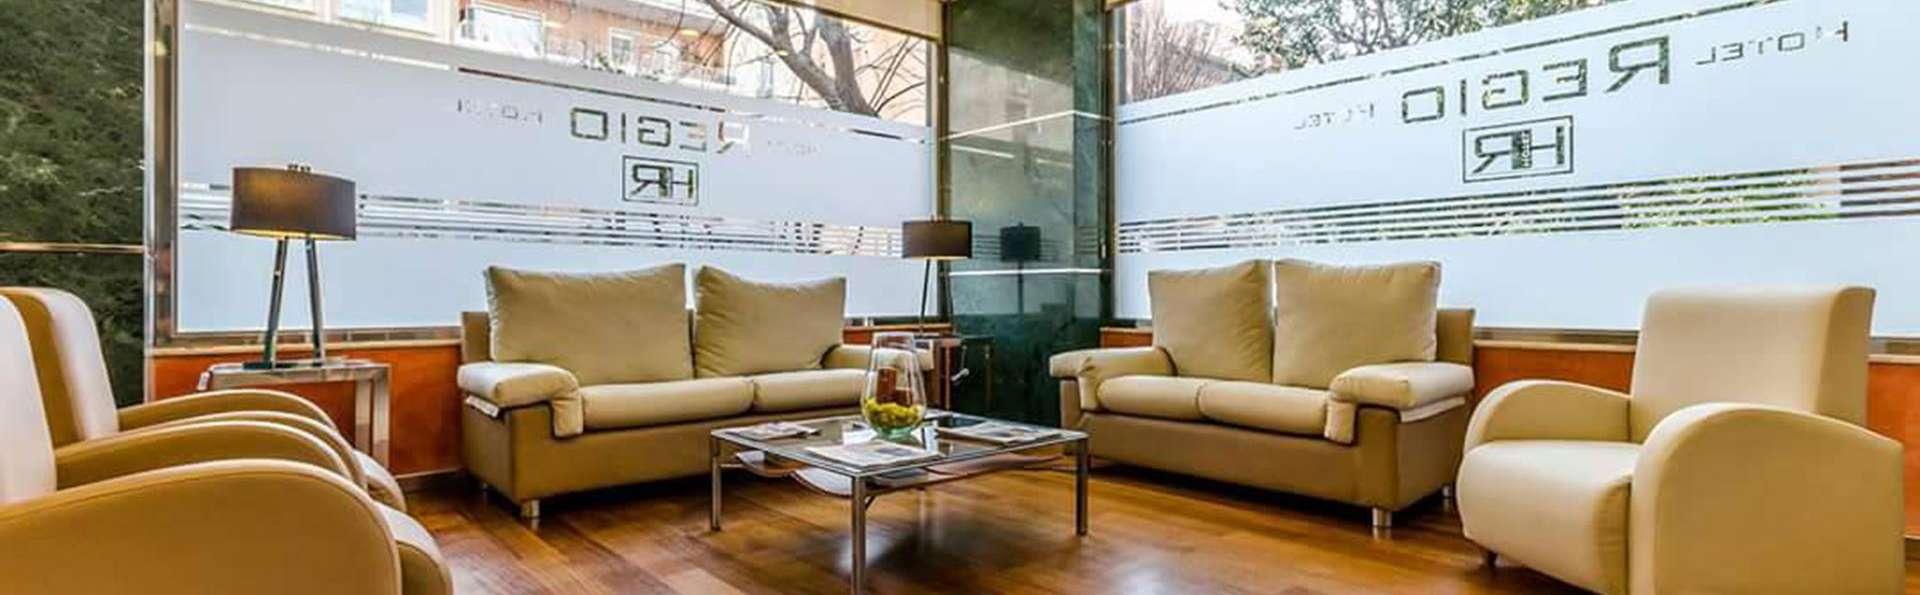 Hotel Regio Cádiz - EDIT_lobby.jpg